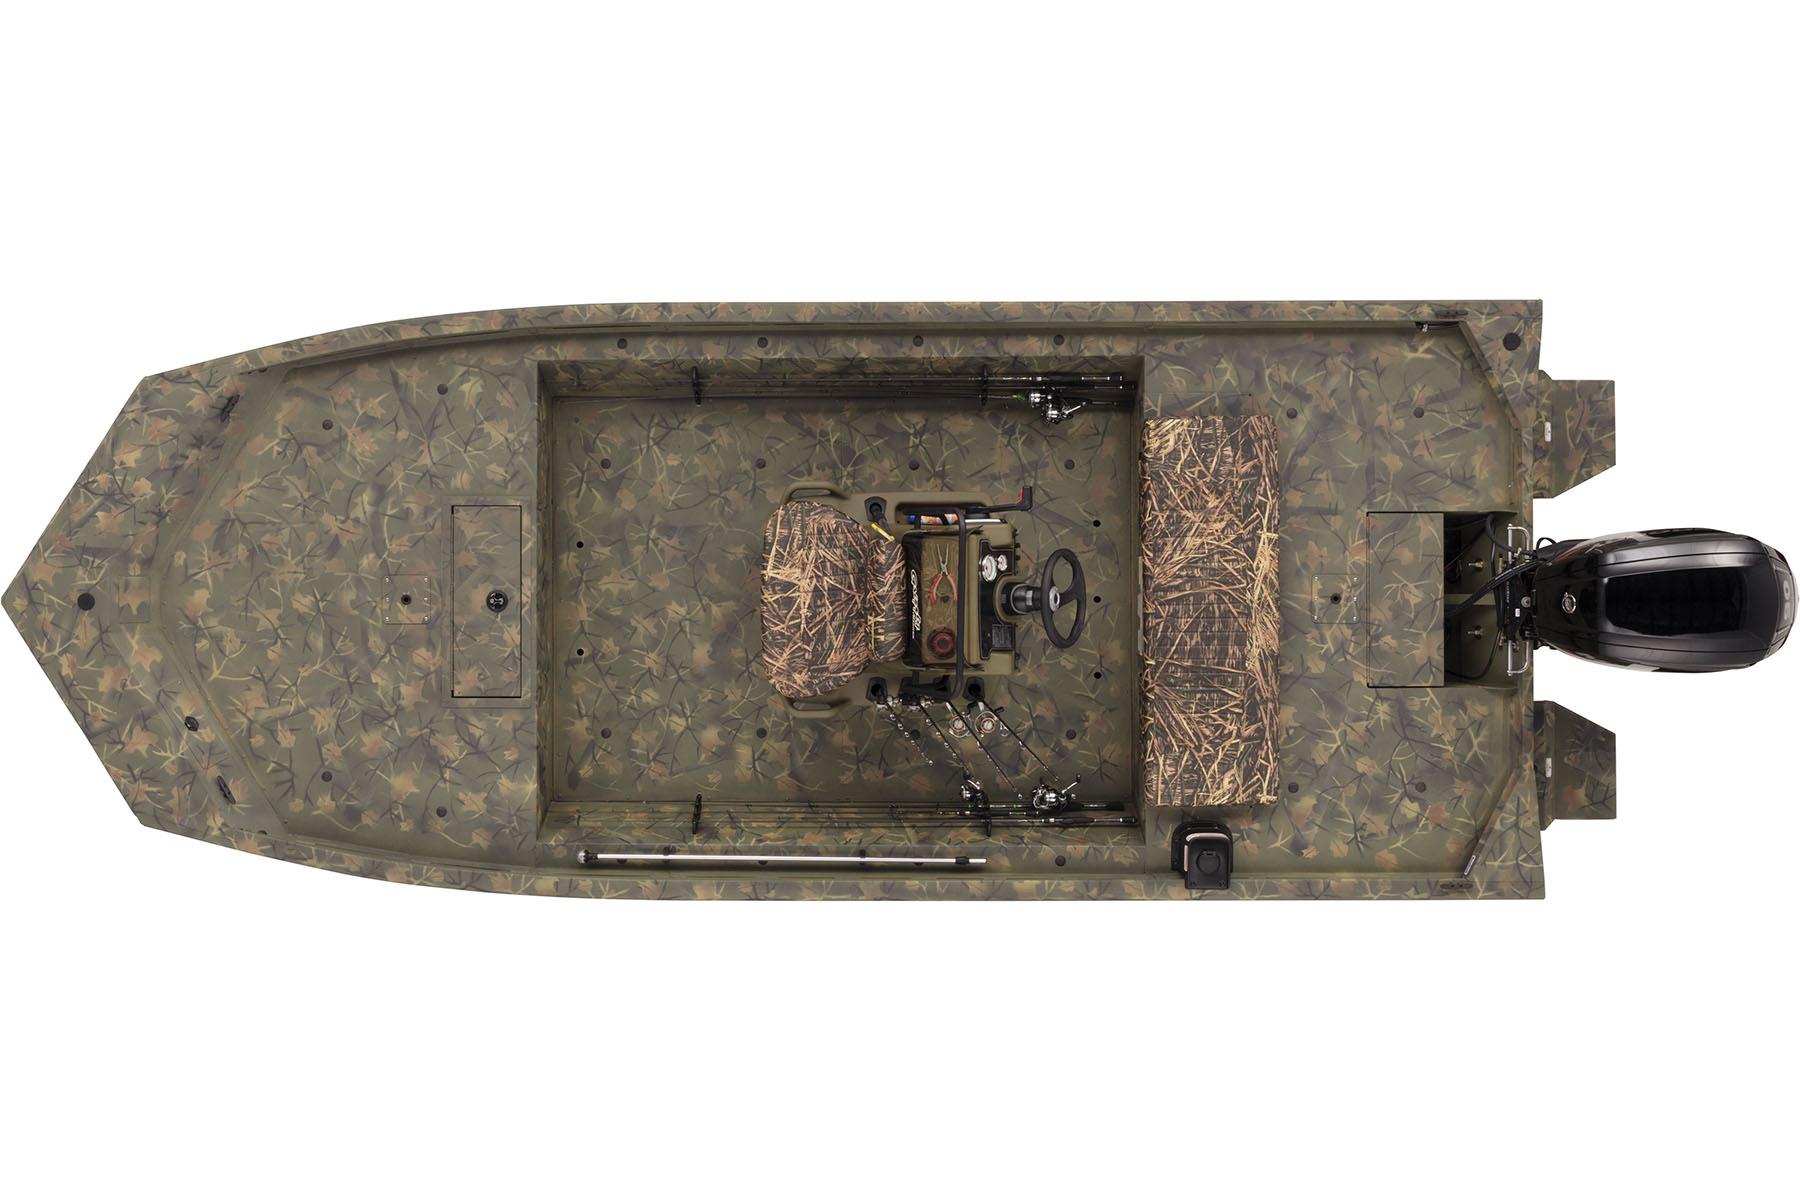 New  2022 Tracker Boats Jon Boat in Marrero, Louisiana